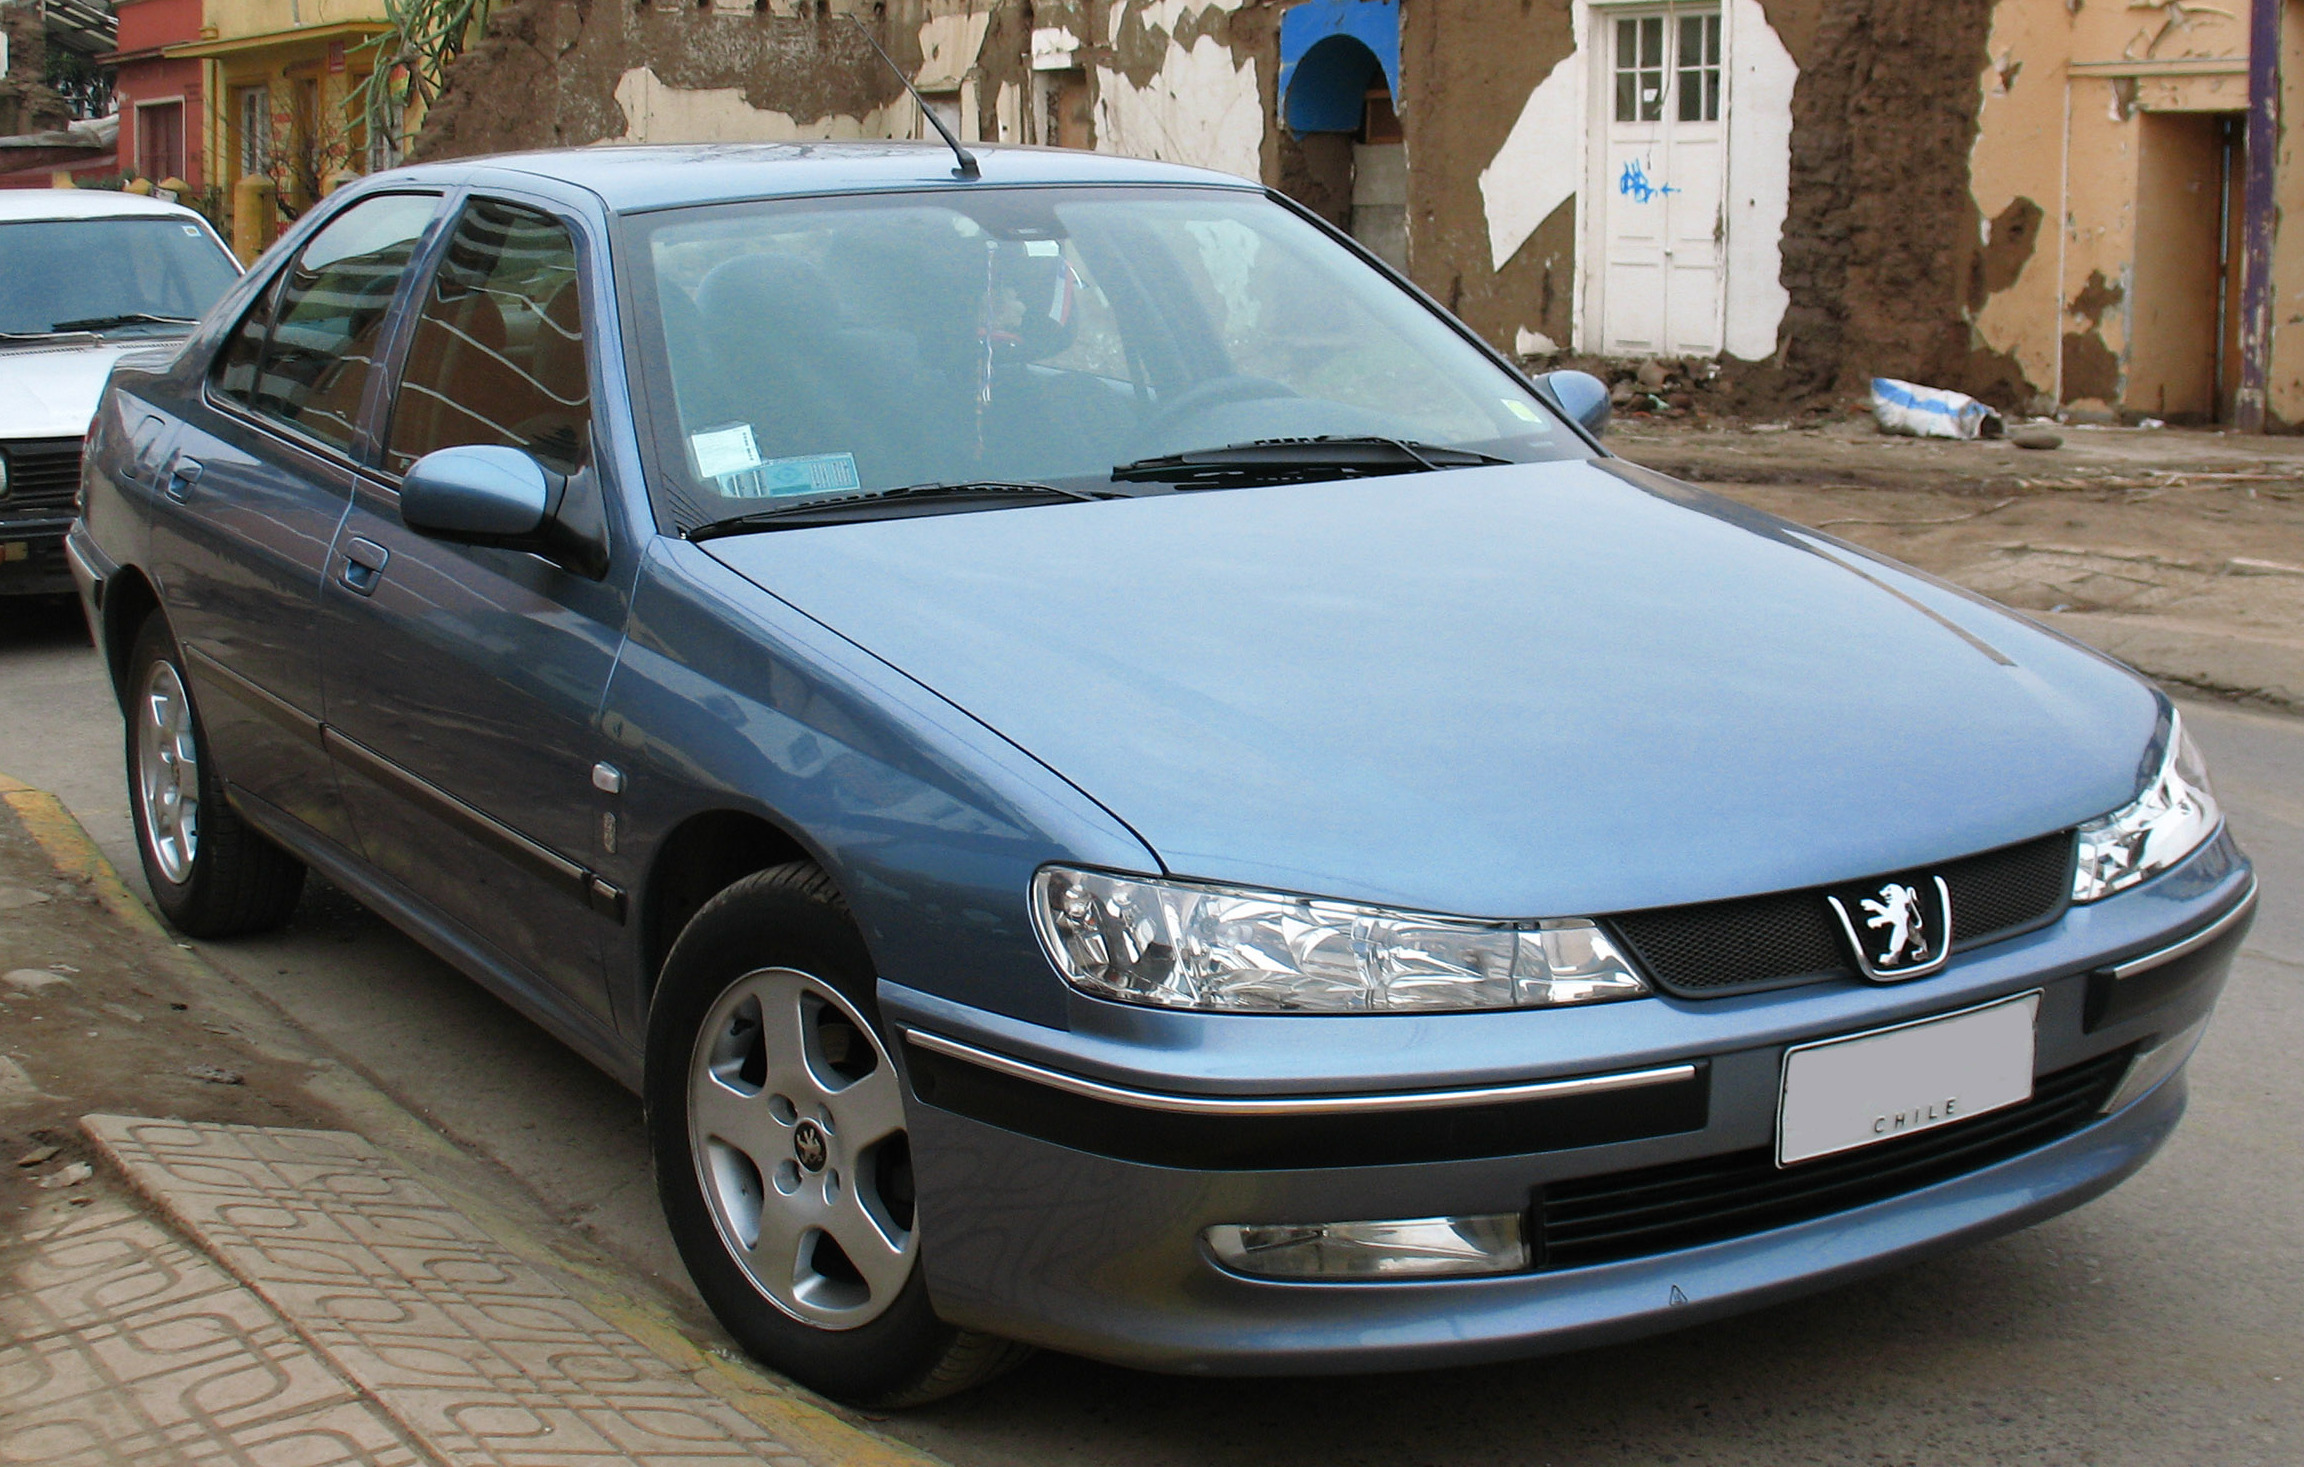 File:Peugeot 406 ST 1.8 2002 (12759197403).jpg